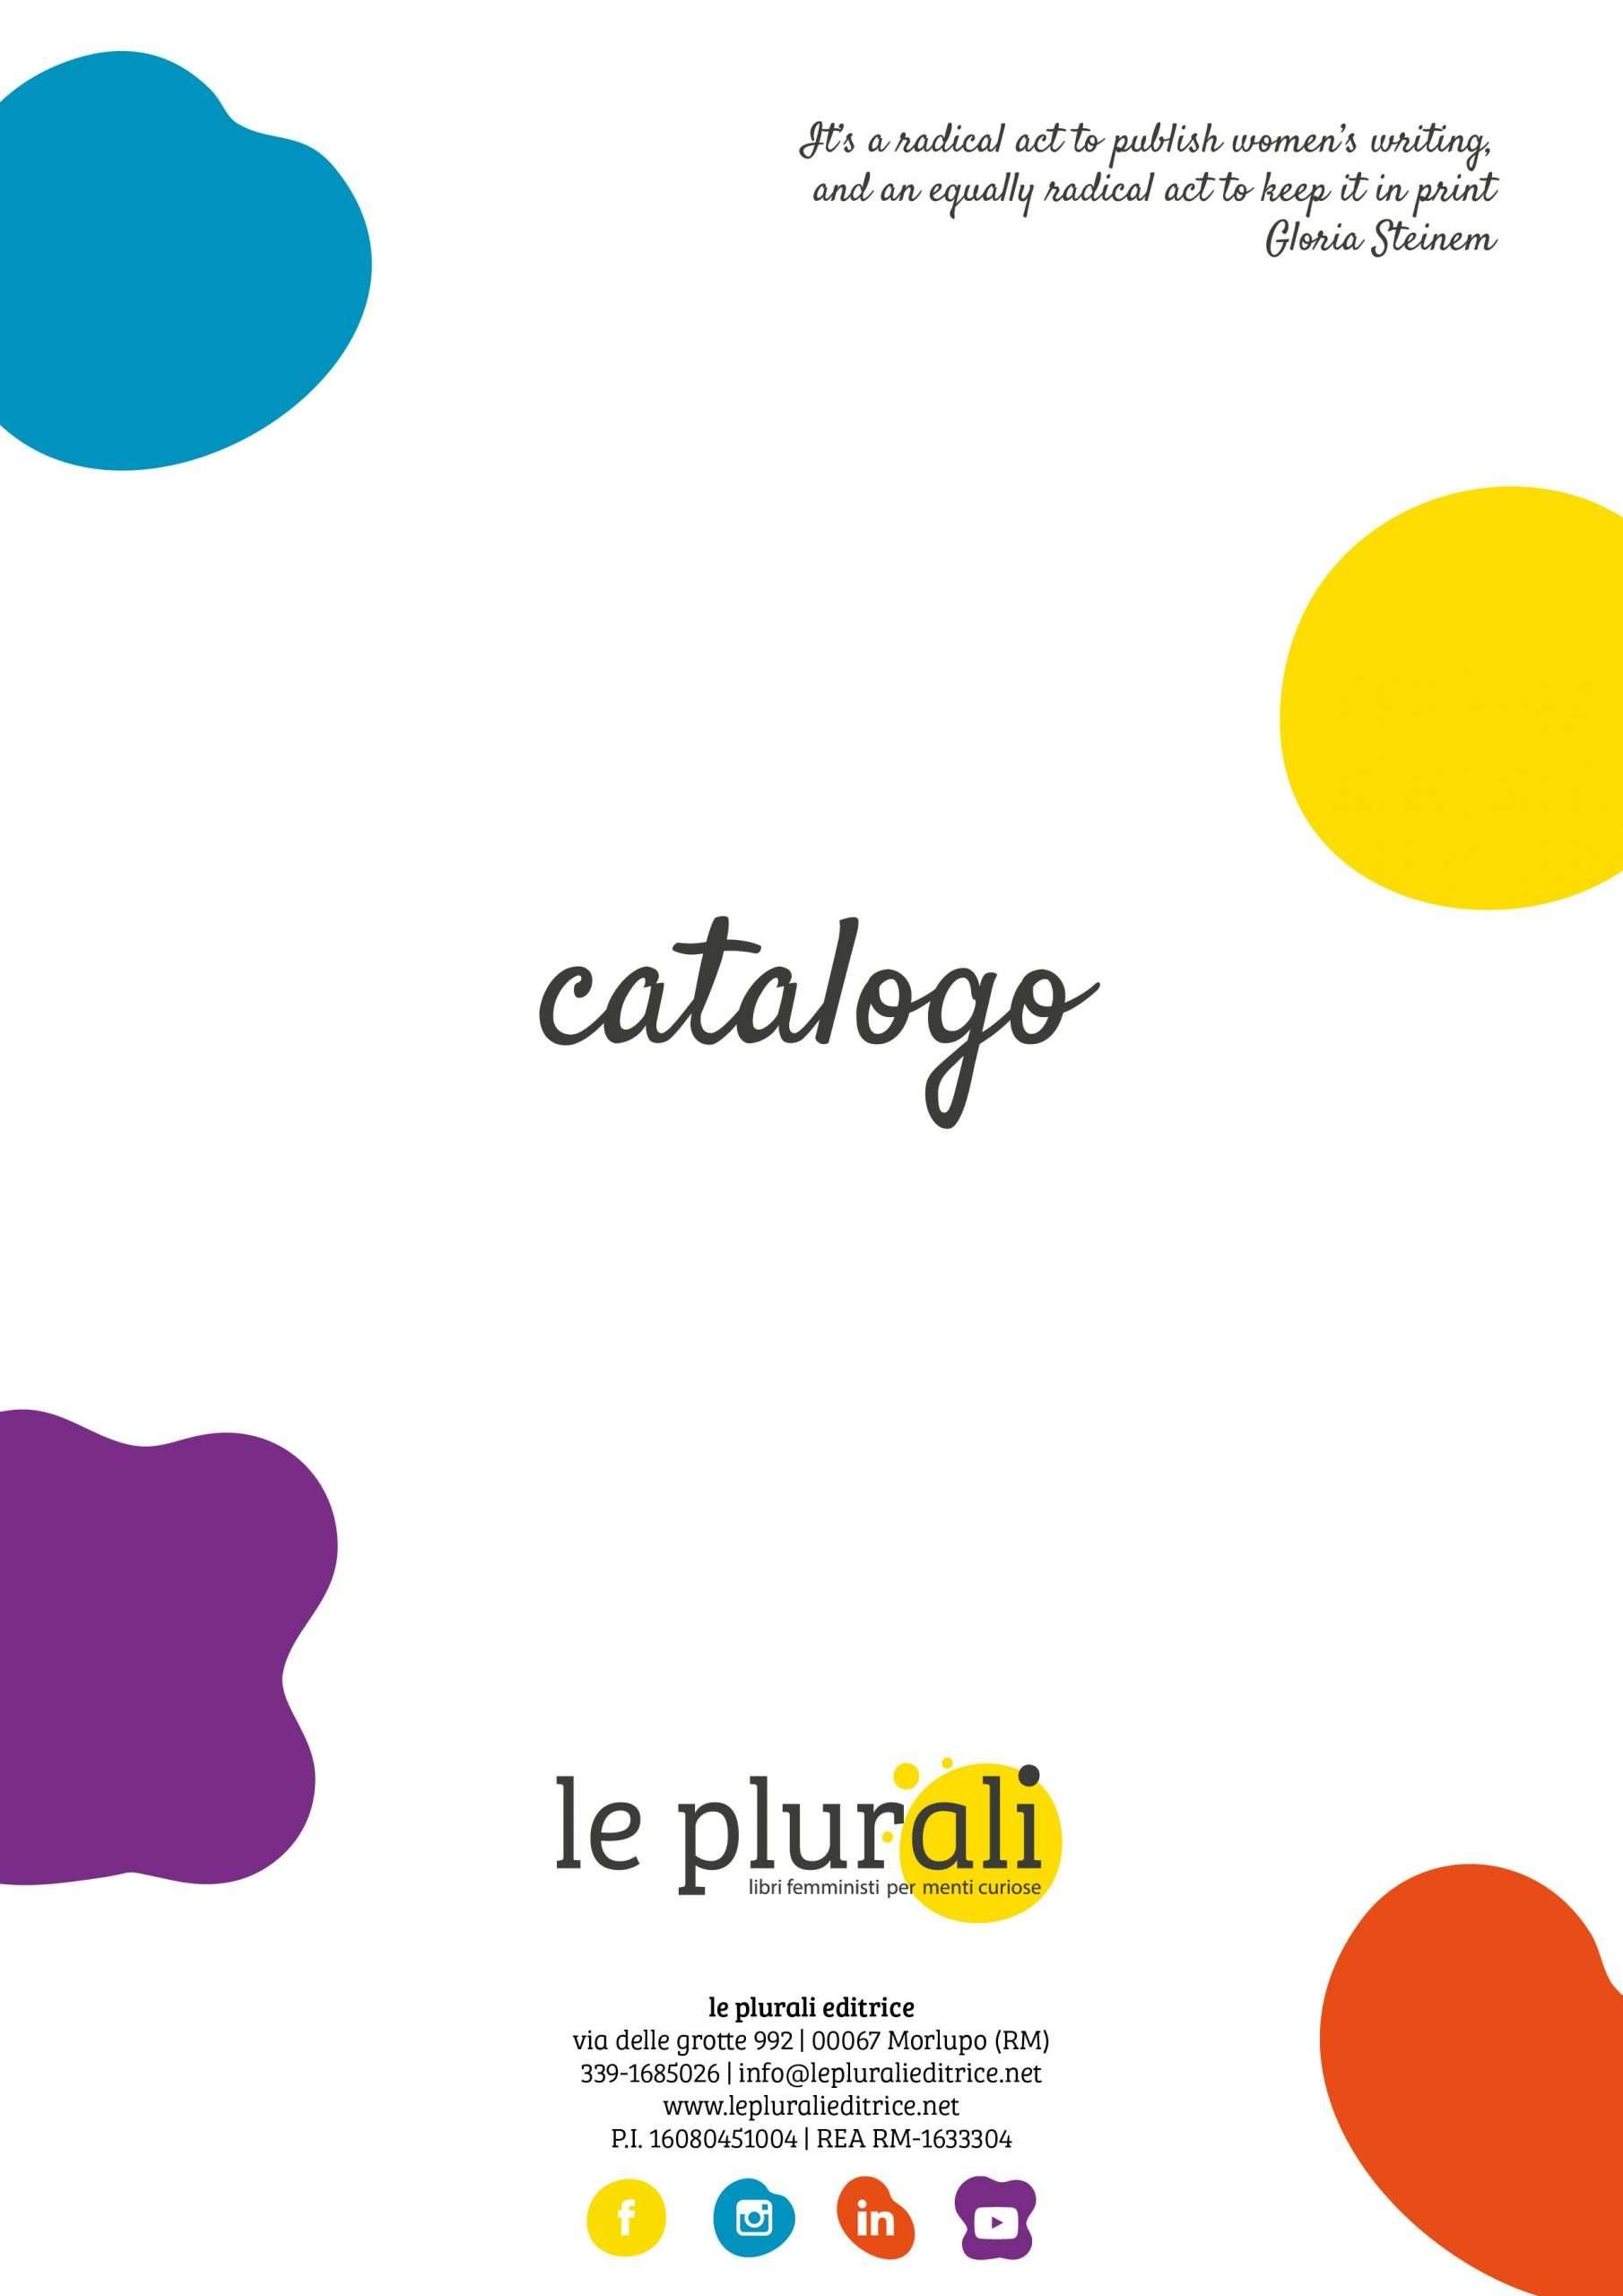 catalogo de le plurali